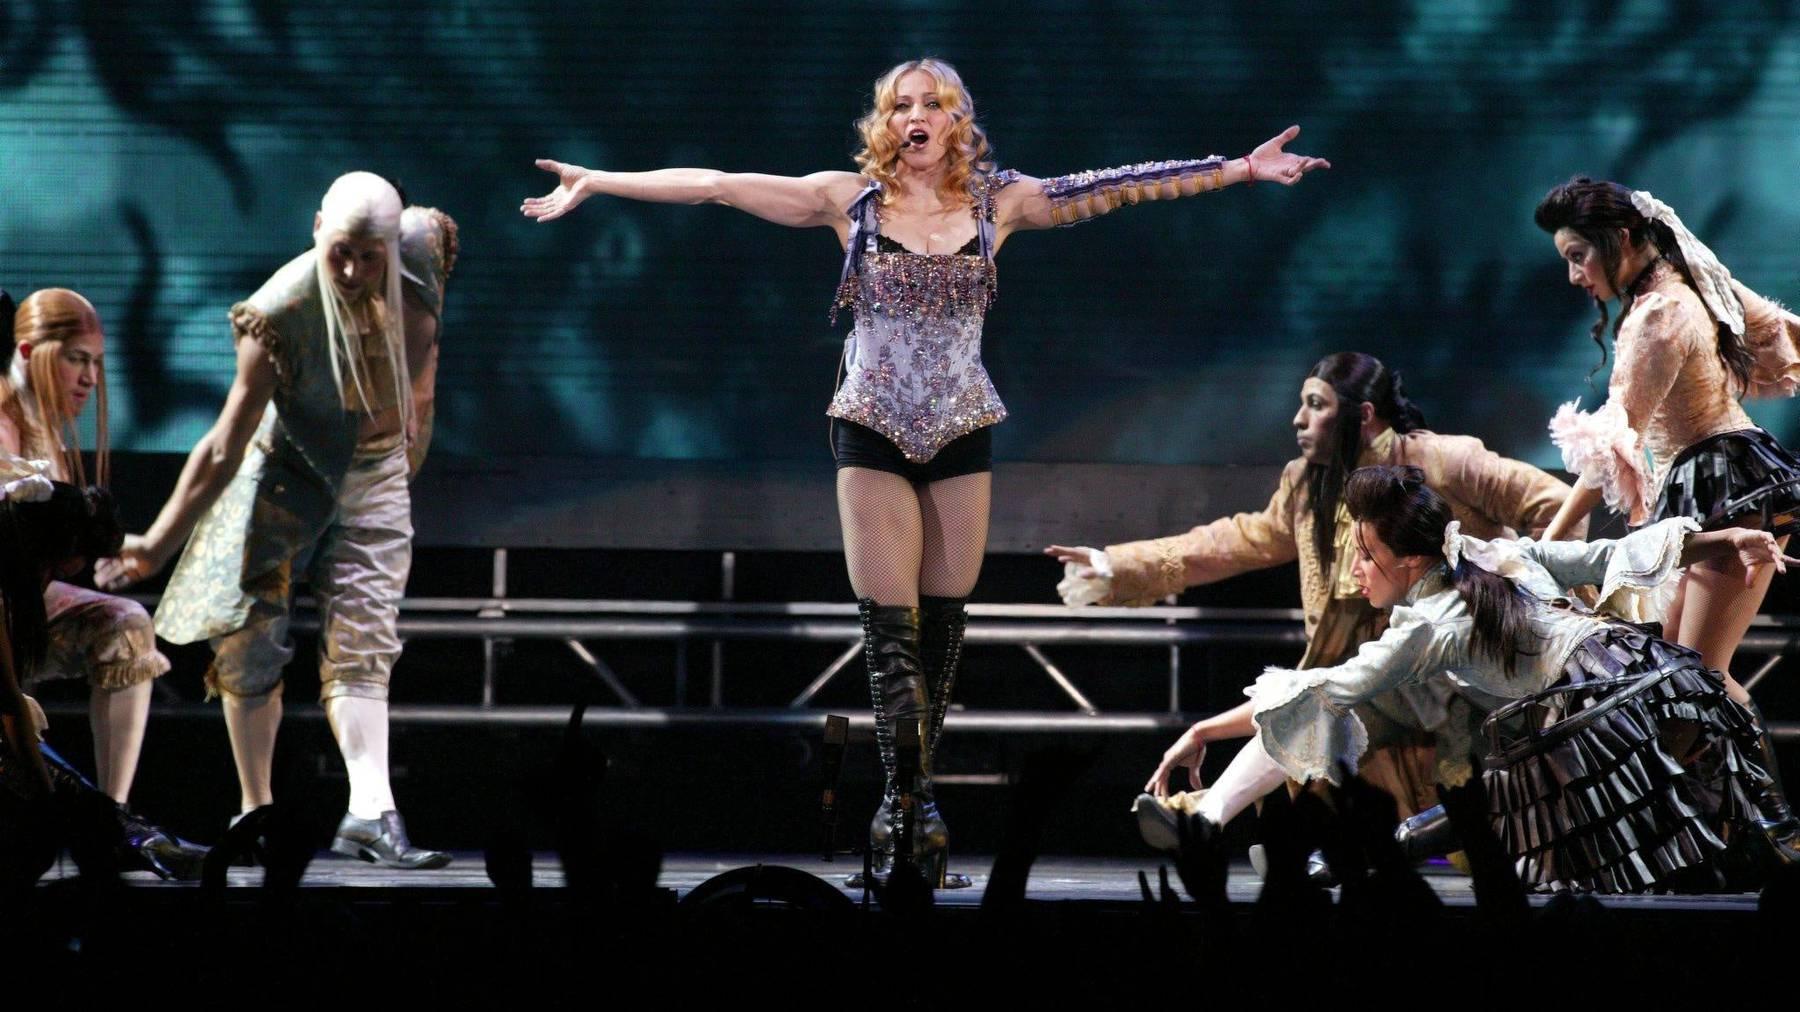 Zieht an, was sie will: Die US-amerikanische Sängerin Madonna (62) bei einem ihrer Auftritte.